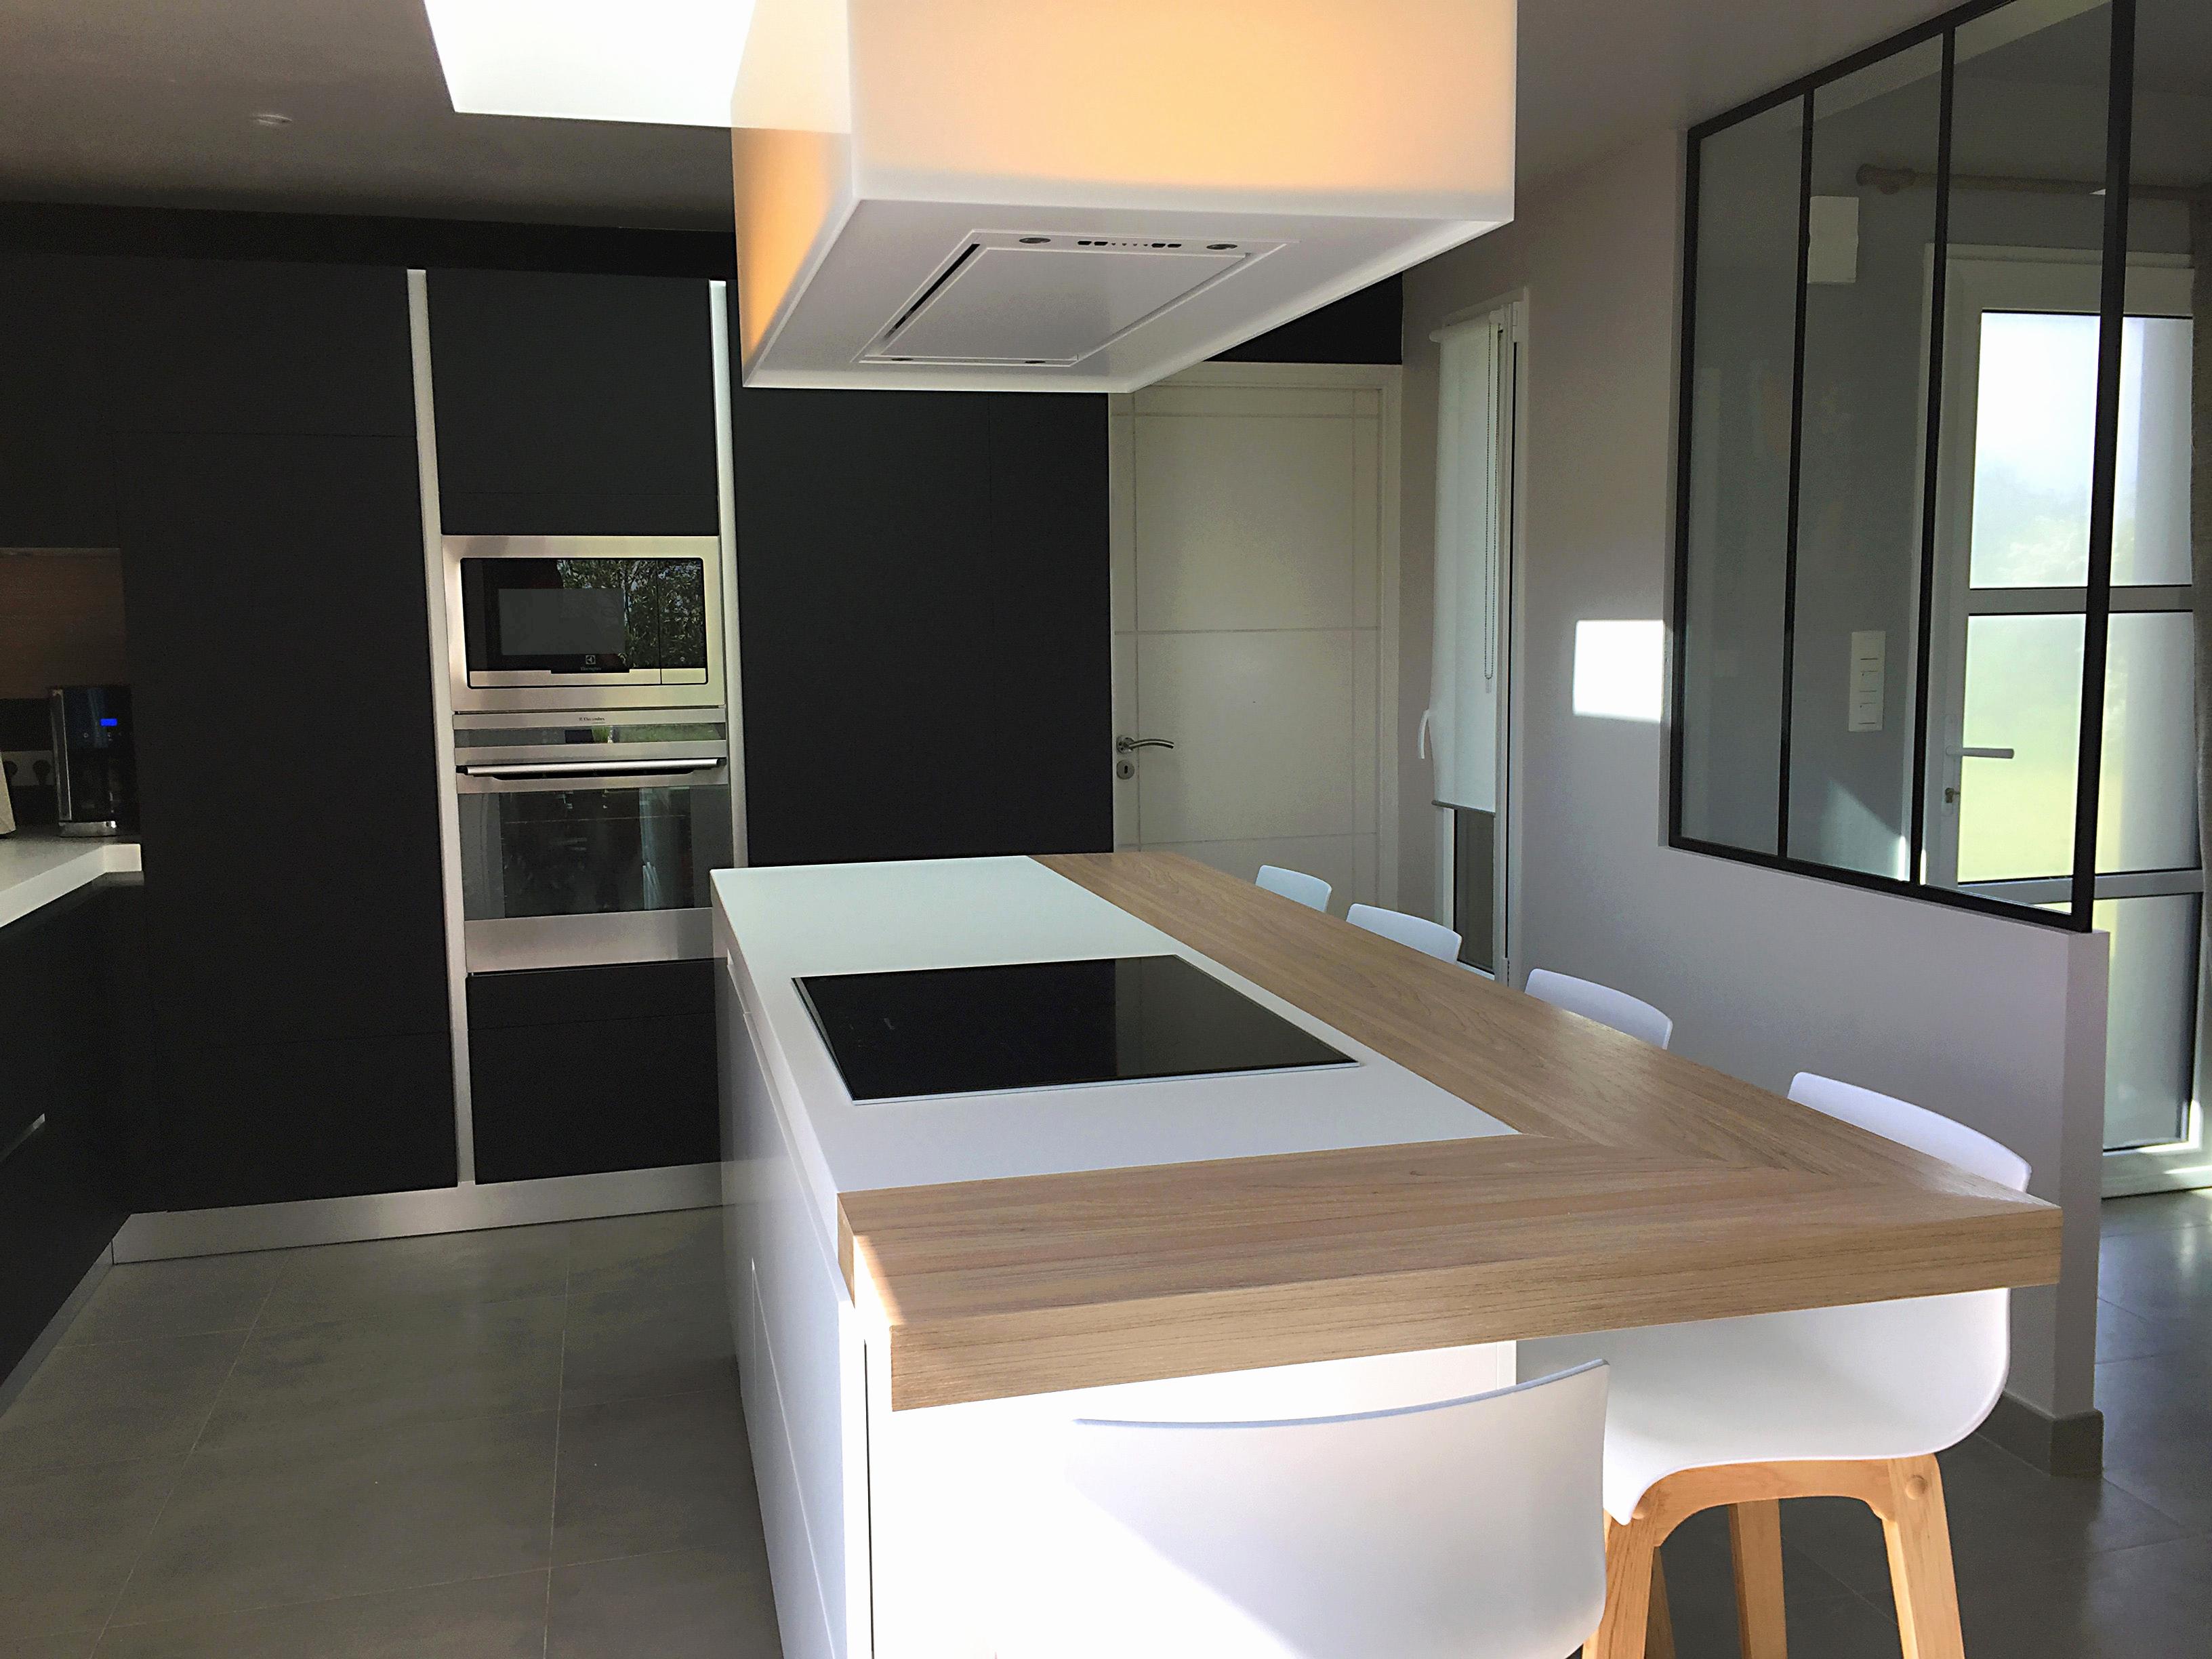 Fabriquer Un Ilot Central Table Beau Stock Ilot De Cuisine Mobile Nouveau Ilot Central Mobile Unique Ilot Table